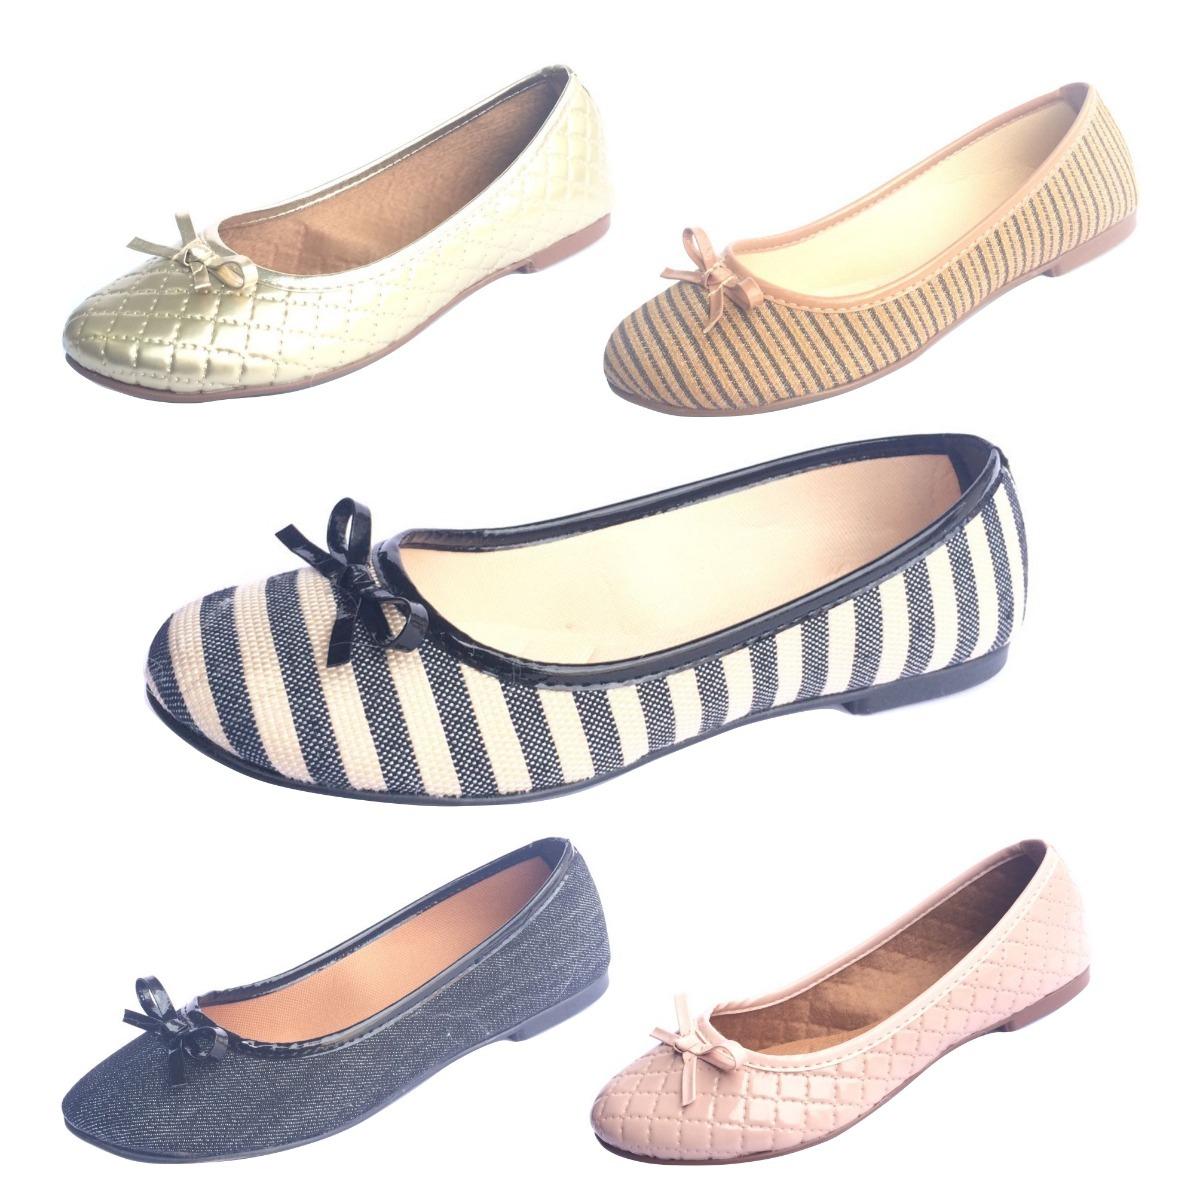 kit 3 sapatilhas feminina milla - promoção barata. Carregando zoom. 803784e892f53